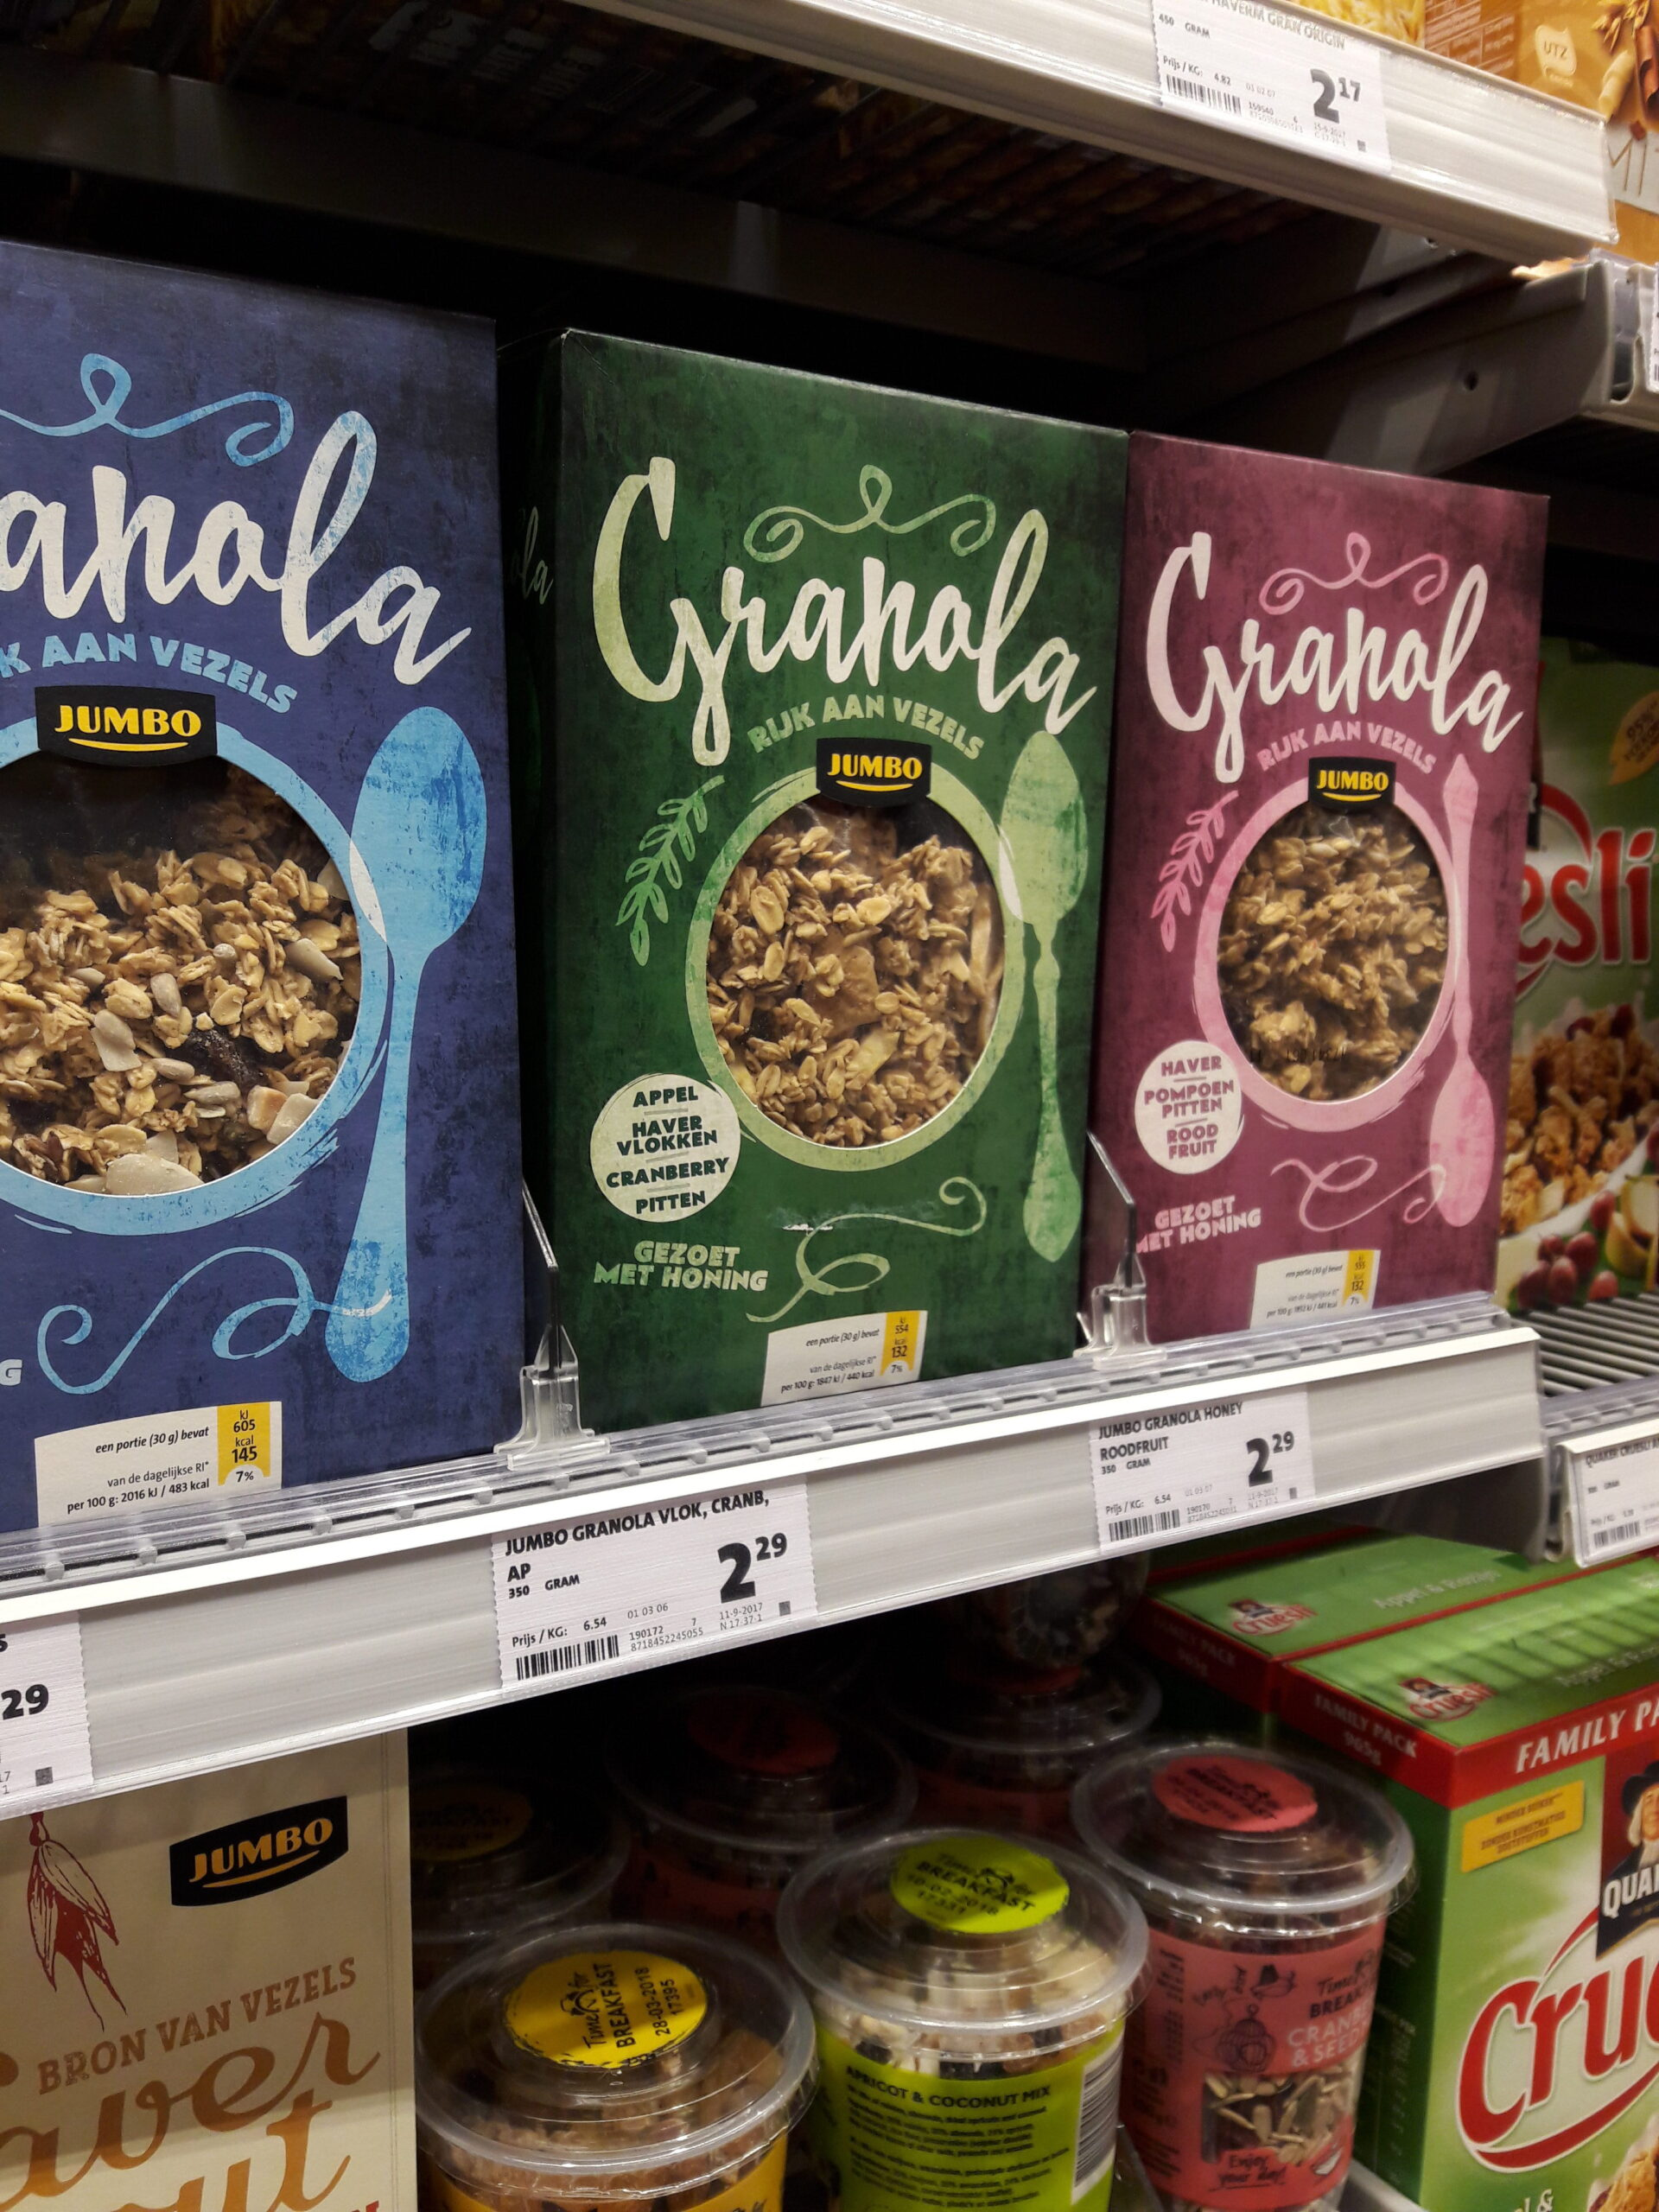 Welke granola zou ik kiezen uit de supermarkt?